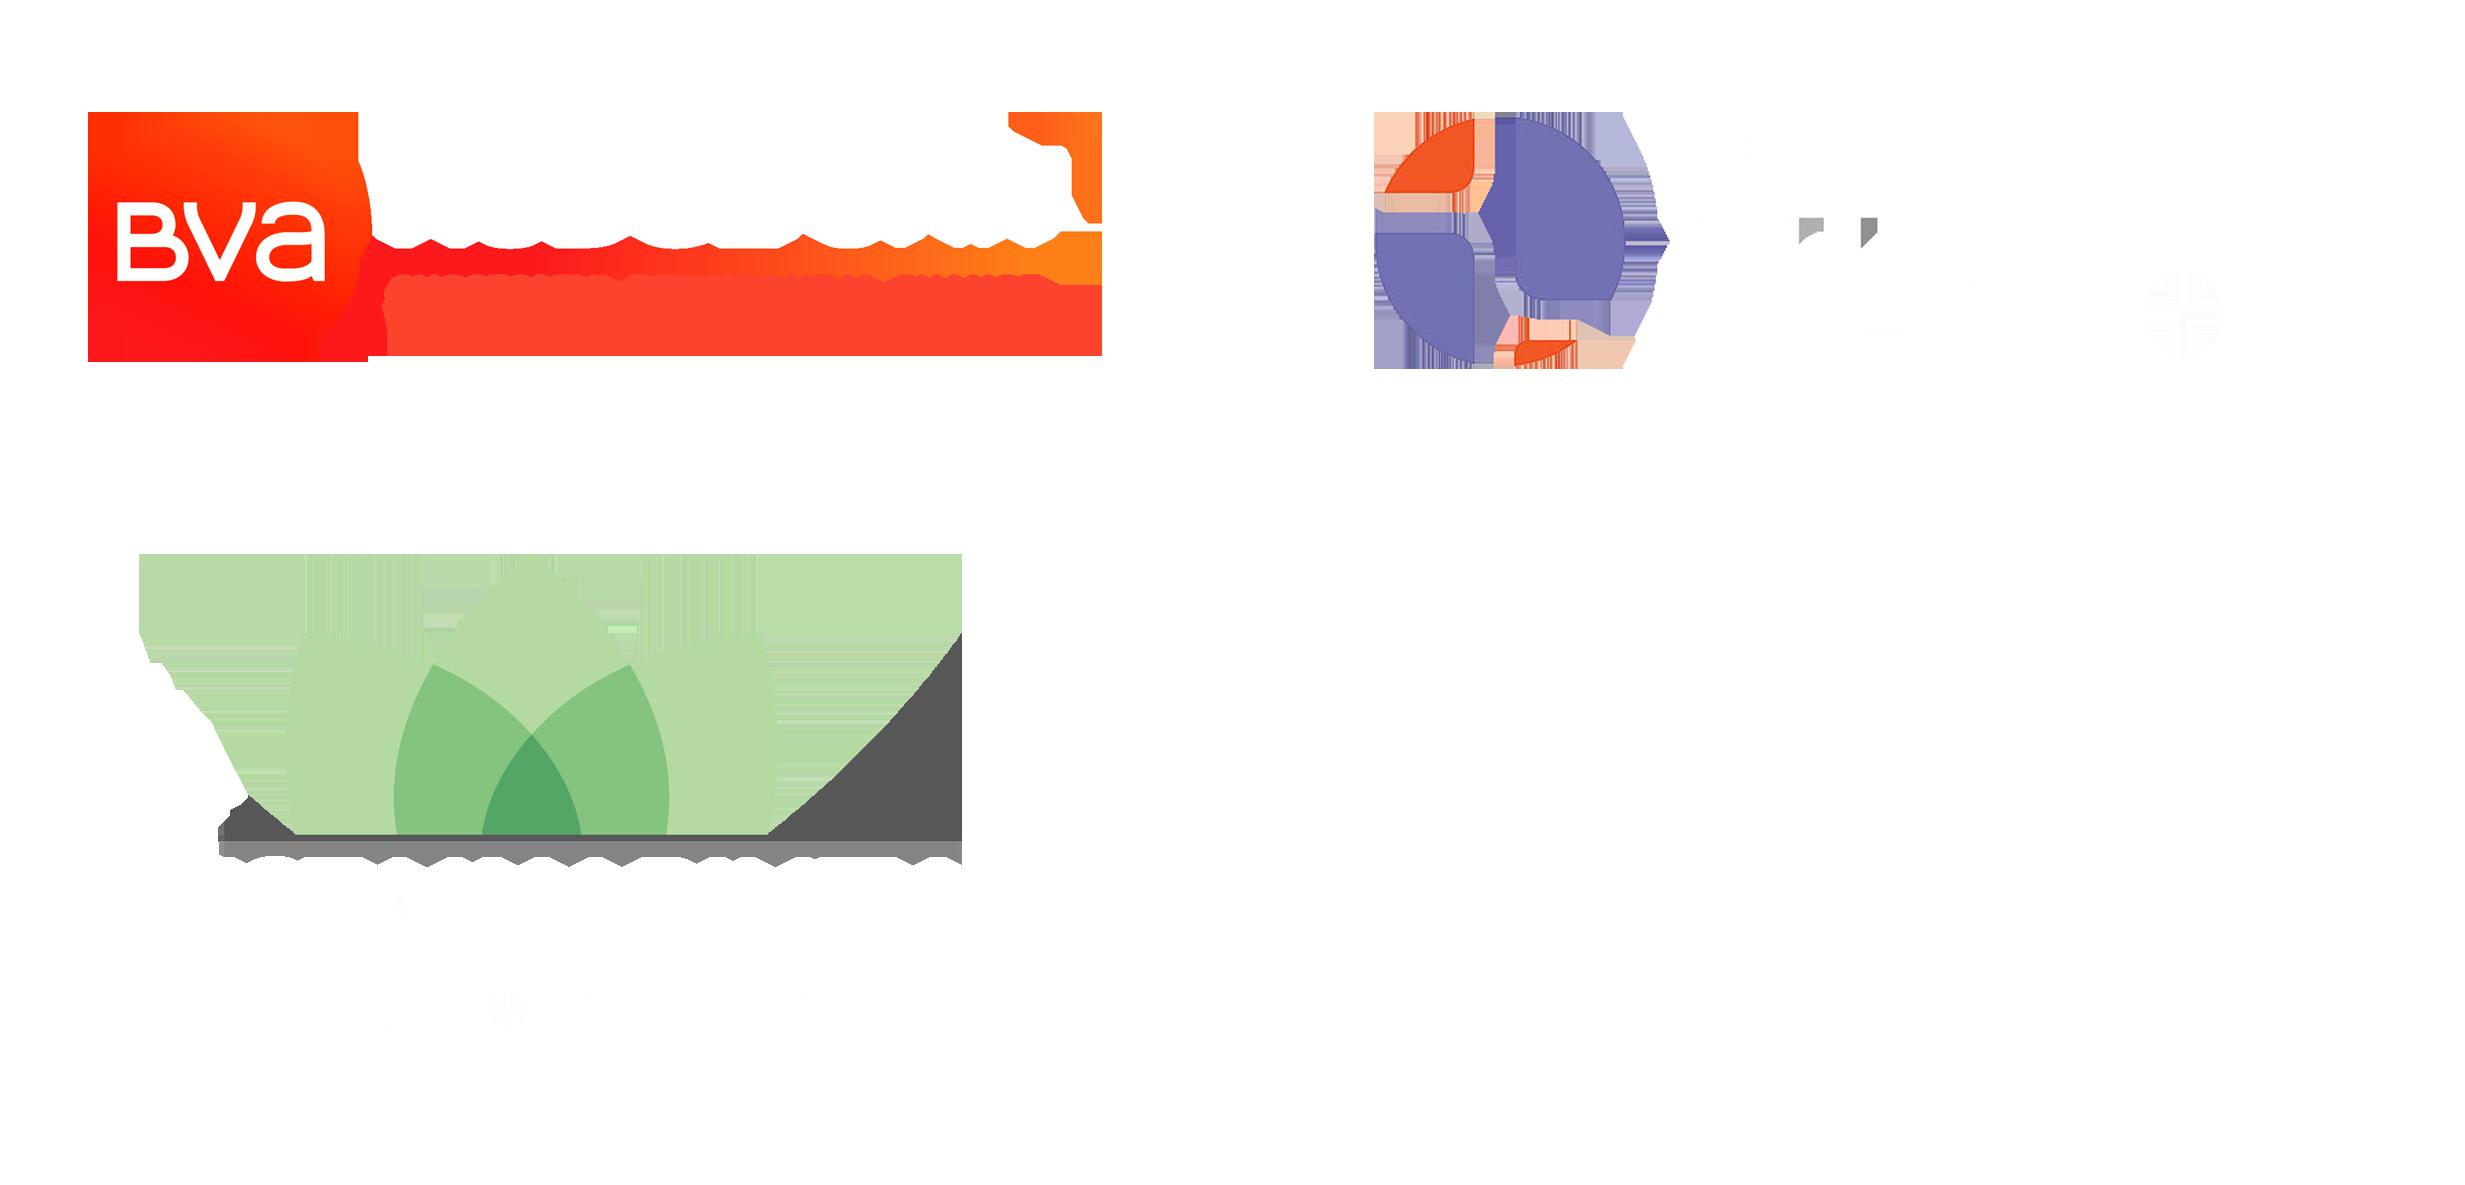 BVA Nudge Unit and PRS IN VIVO